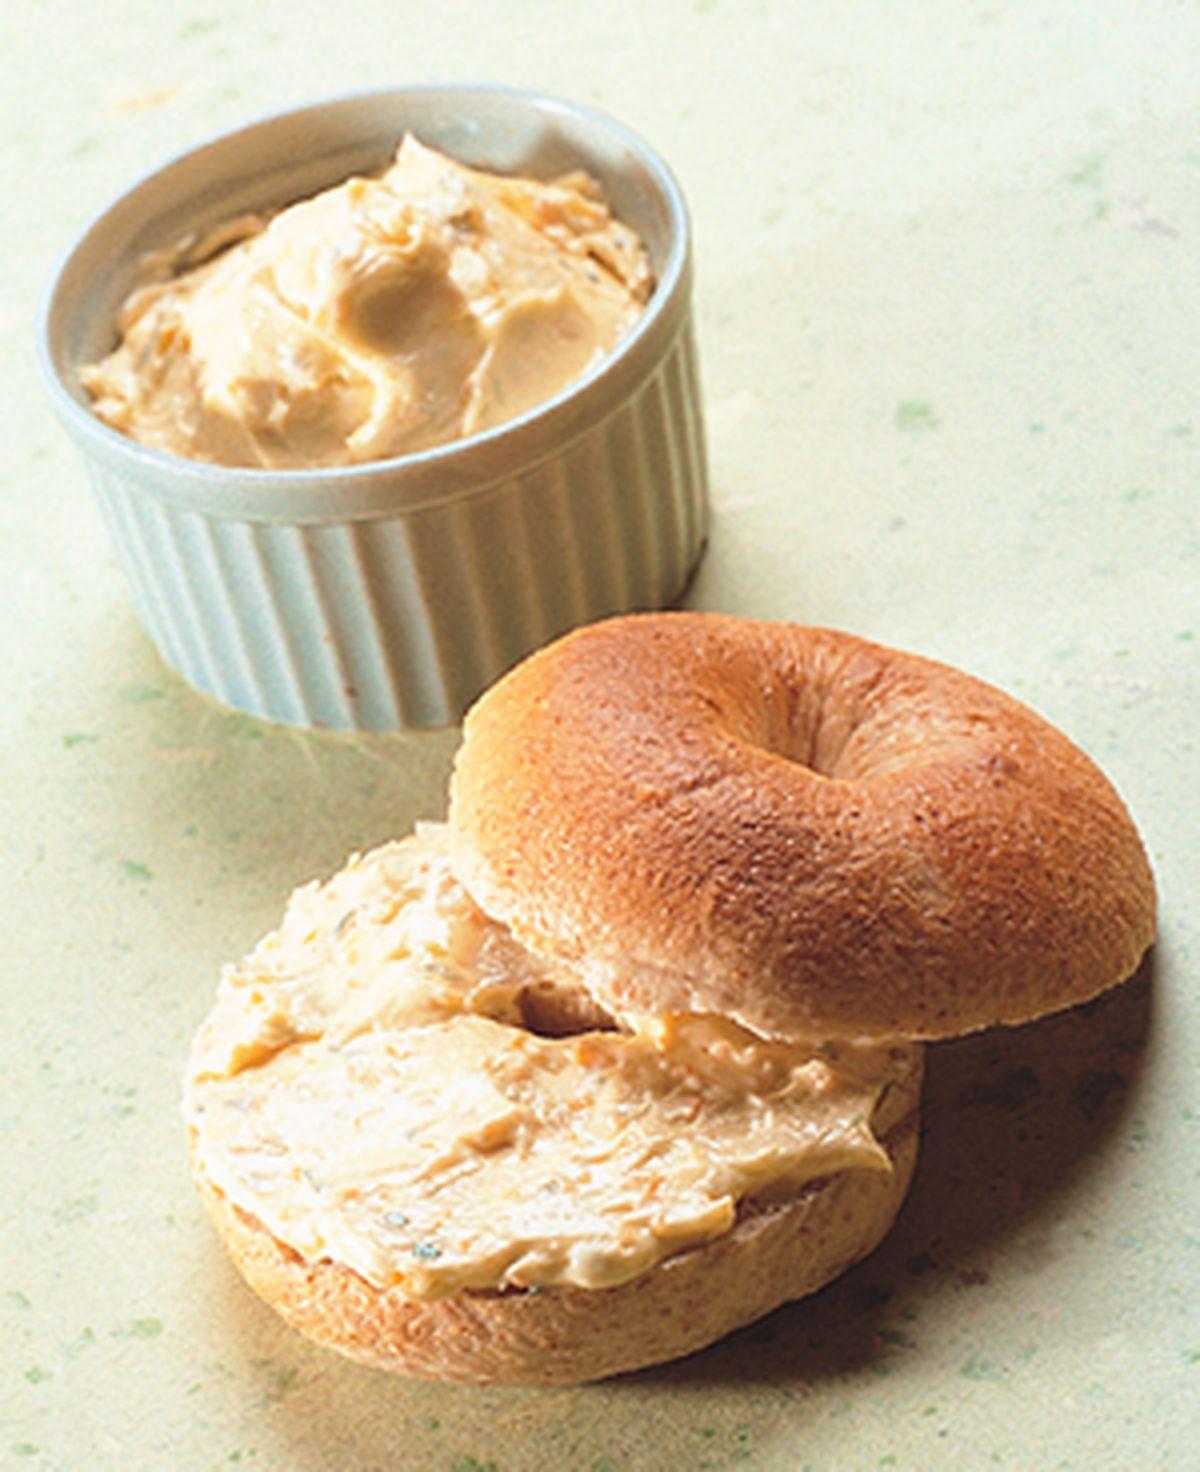 食譜:大蒜羅勒醬